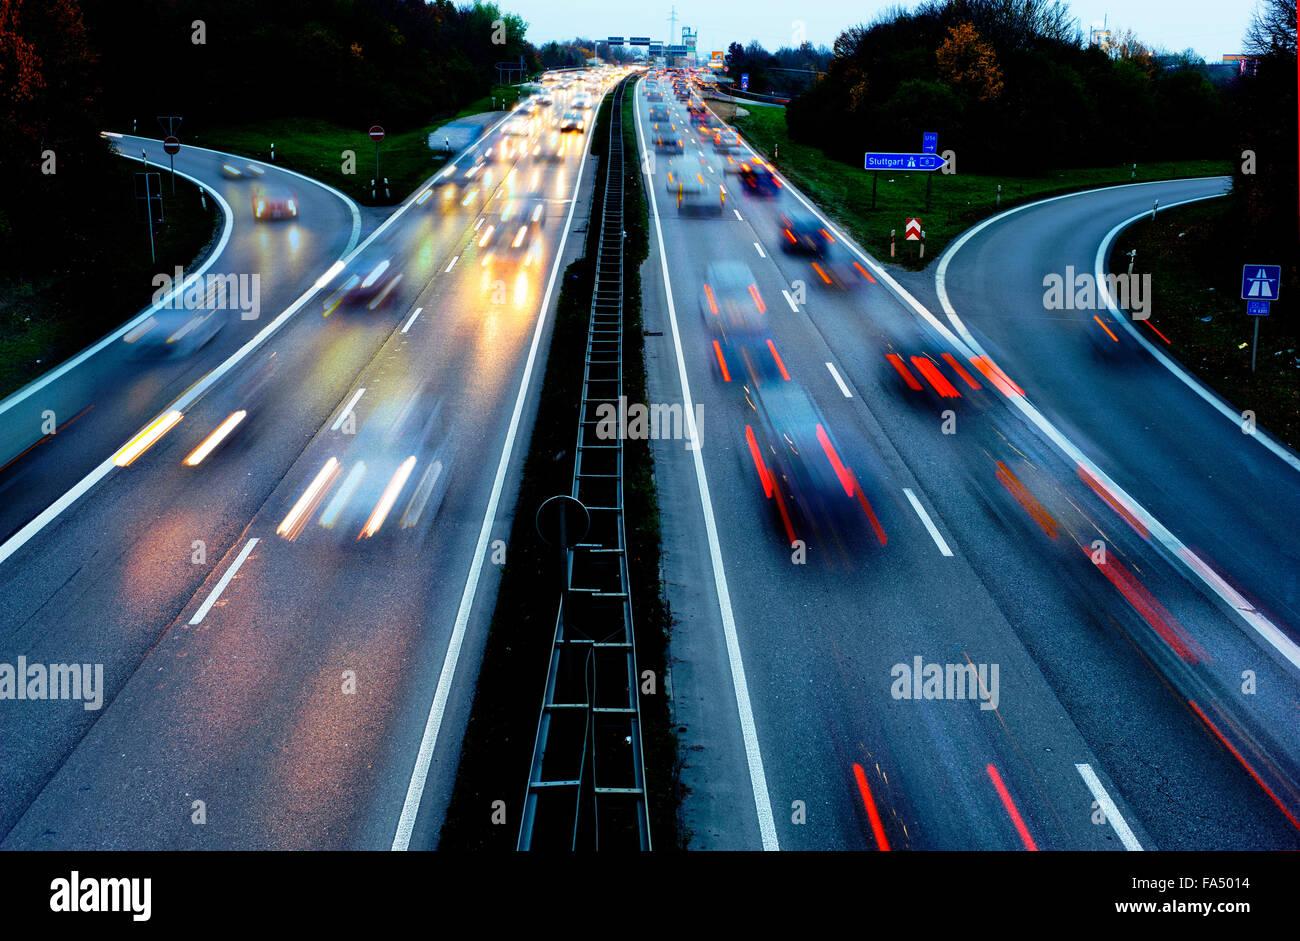 les voitures sur l 39 autoroute autobahn en allemagne en grande vitesse dans la nuit banque d. Black Bedroom Furniture Sets. Home Design Ideas